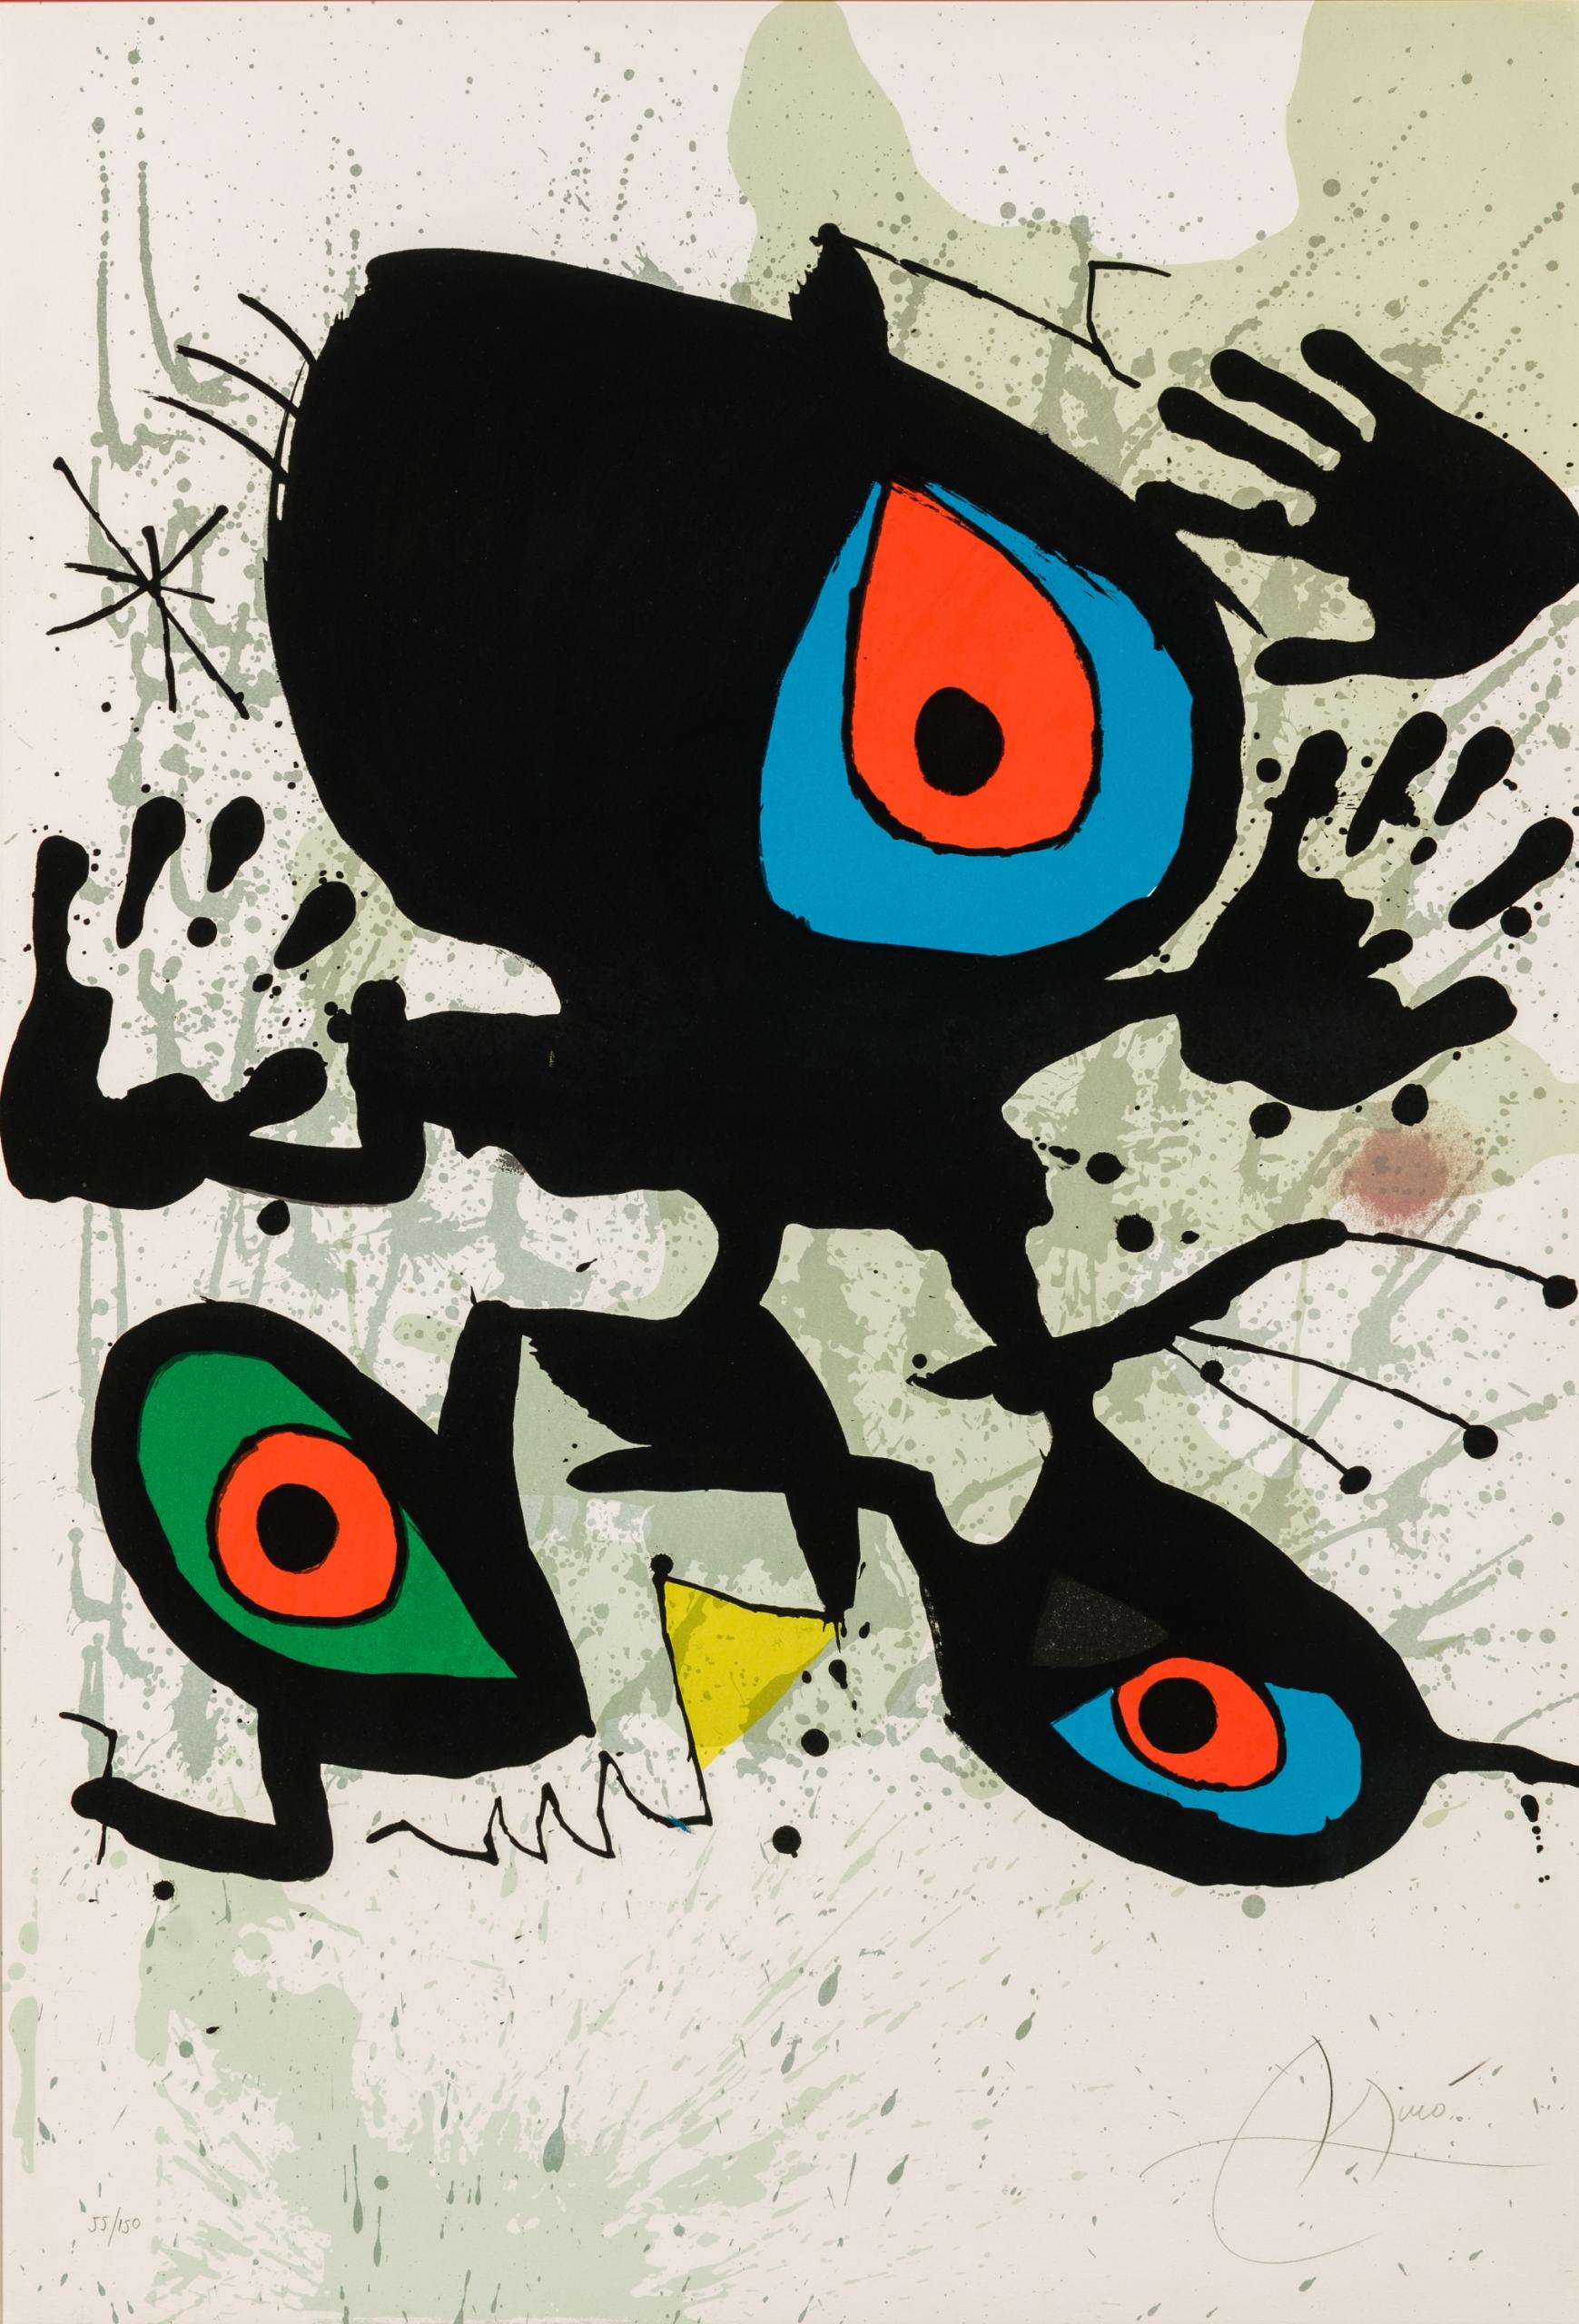 Joàn Miró, Homage to Miro